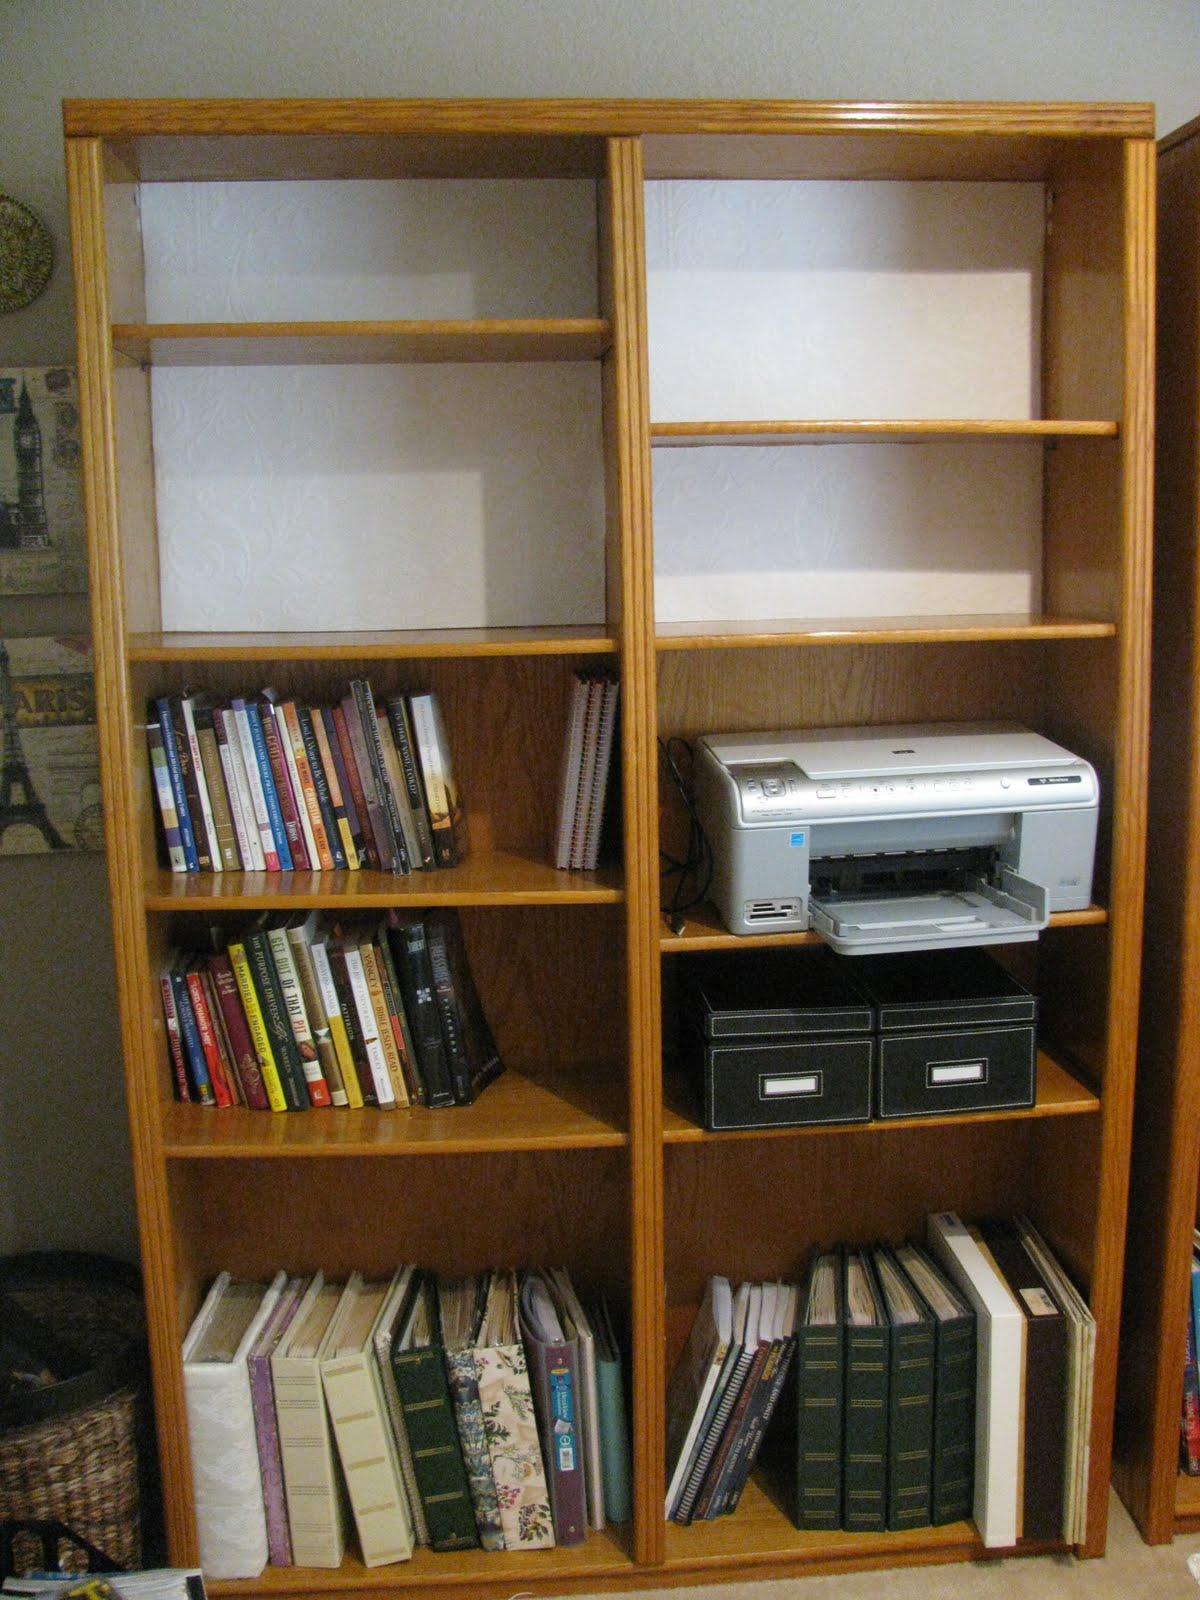 Making Bookshelves  Making Bookshelves Look BetterMaking - Making bookshelves